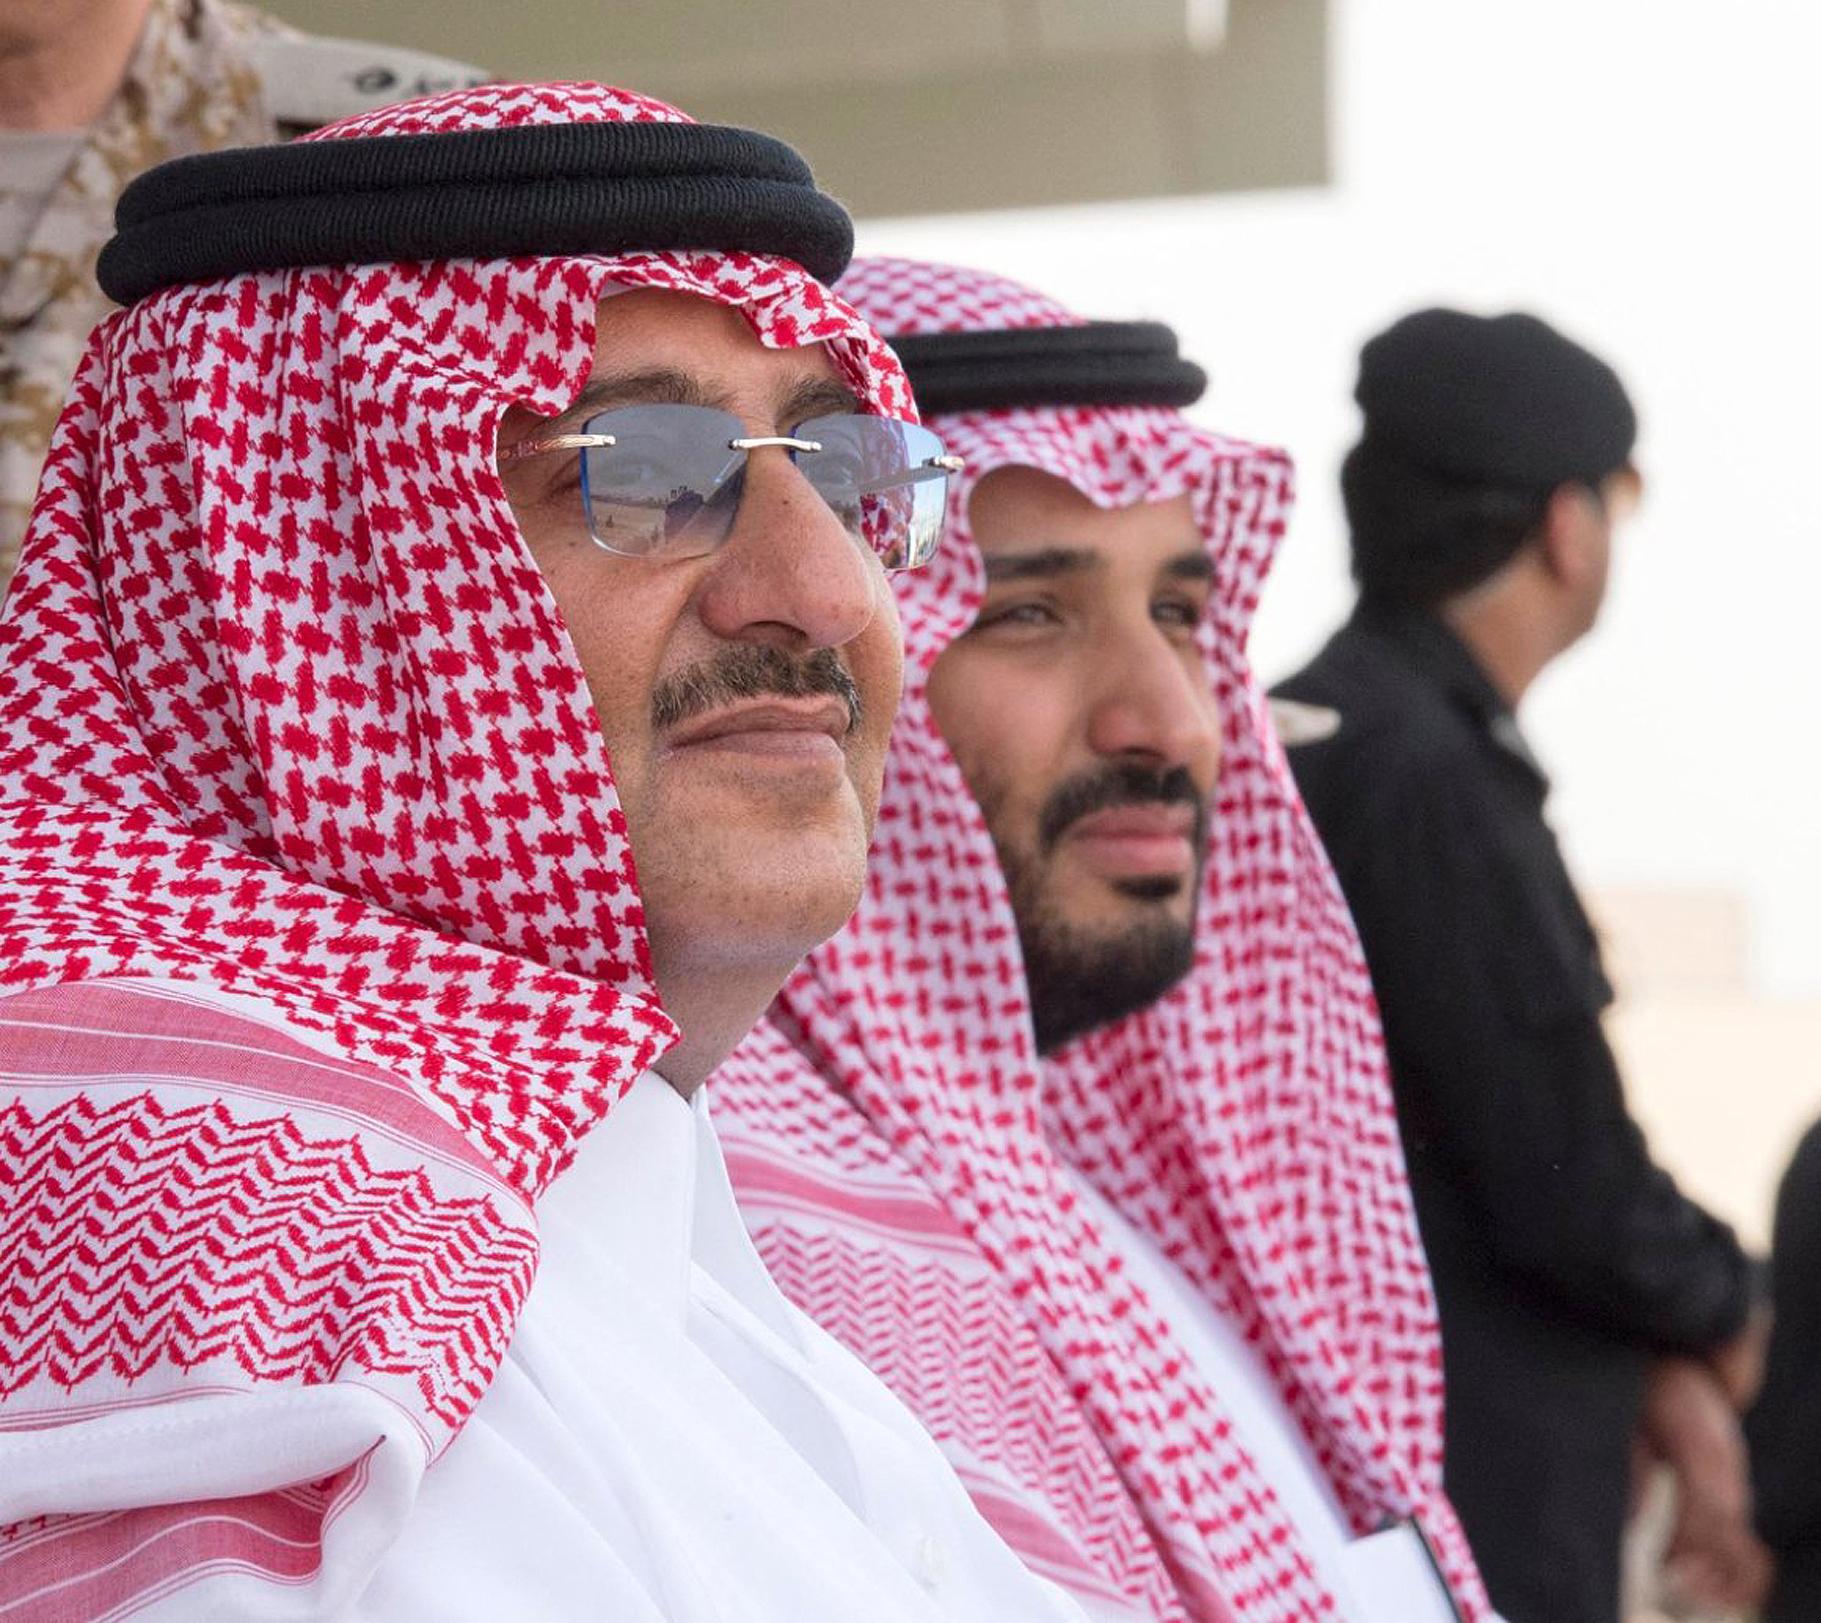 Mohammed Ben Nayef (à g.), alors prince héritier, assiste avec son cousin Mohammed Ben Salman, ministre de la Défense, à des manœuvres militaires dans le nord de l'Arabie saoudite, le 16 mars 2016.